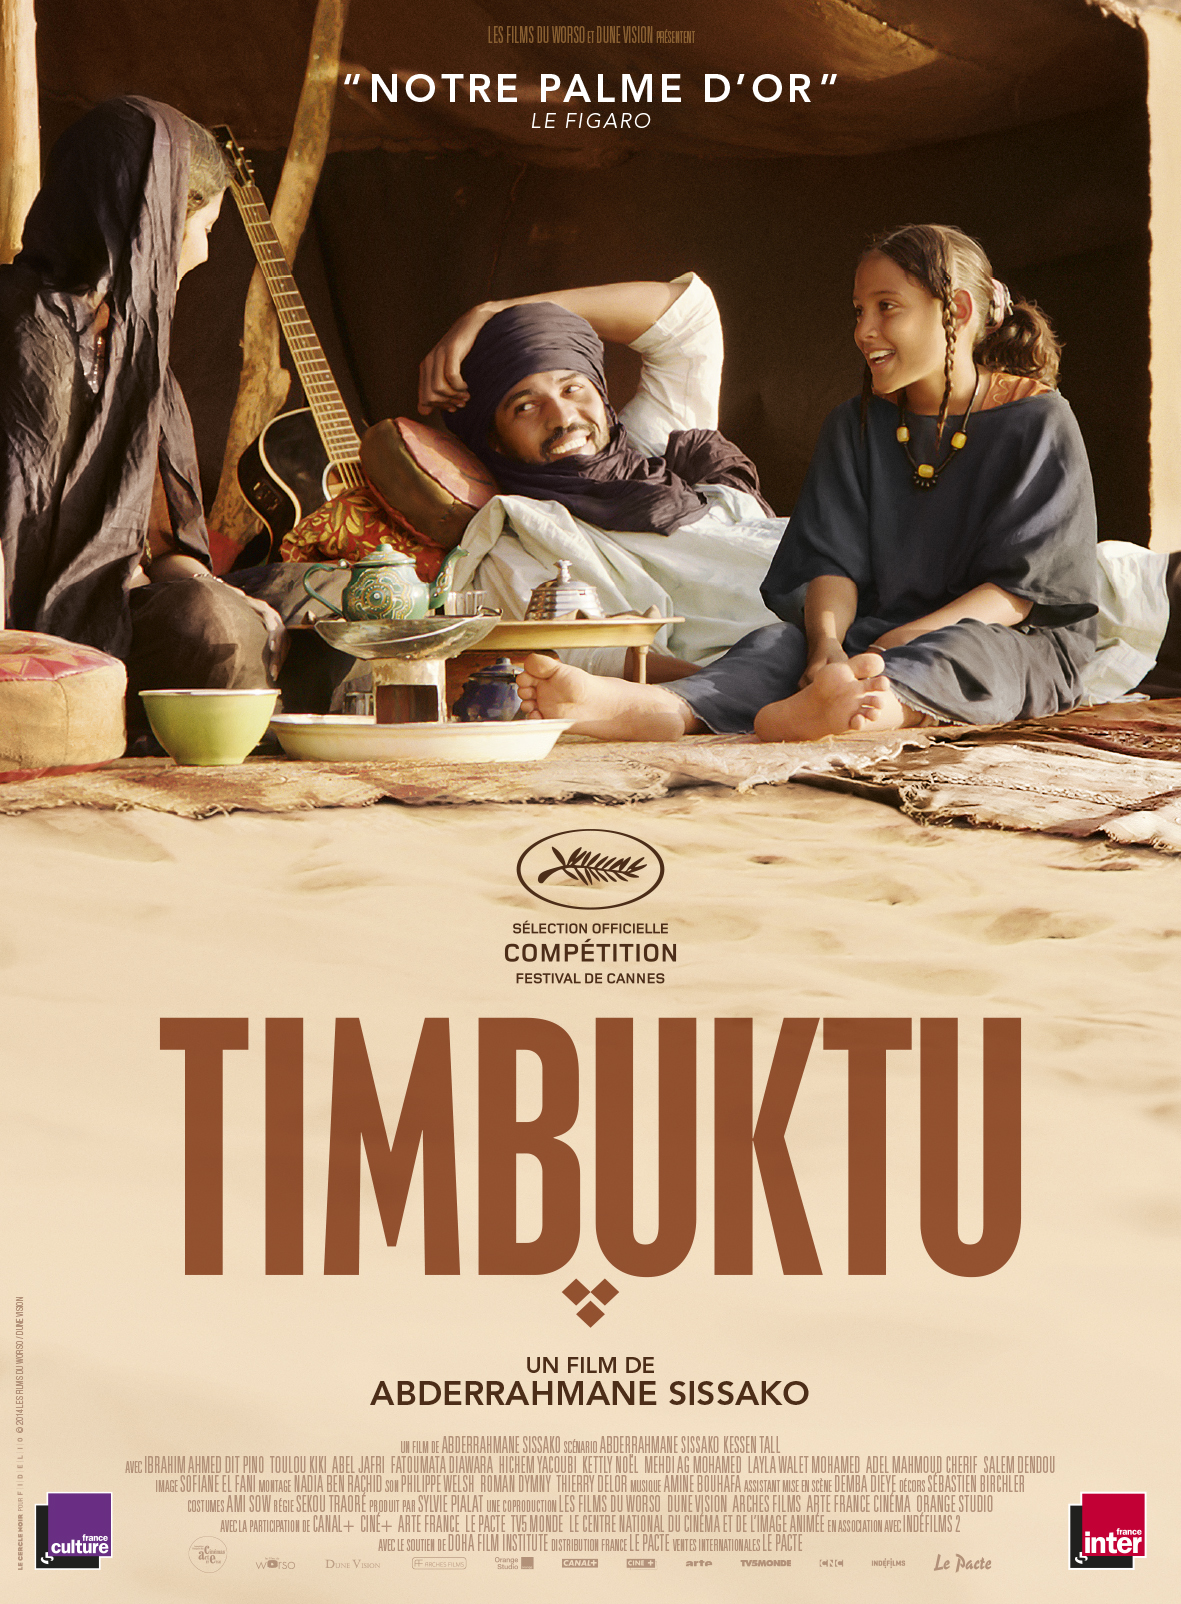 Une des plus belles scènes du cinéma sur le football se passe dans Timbuktu.